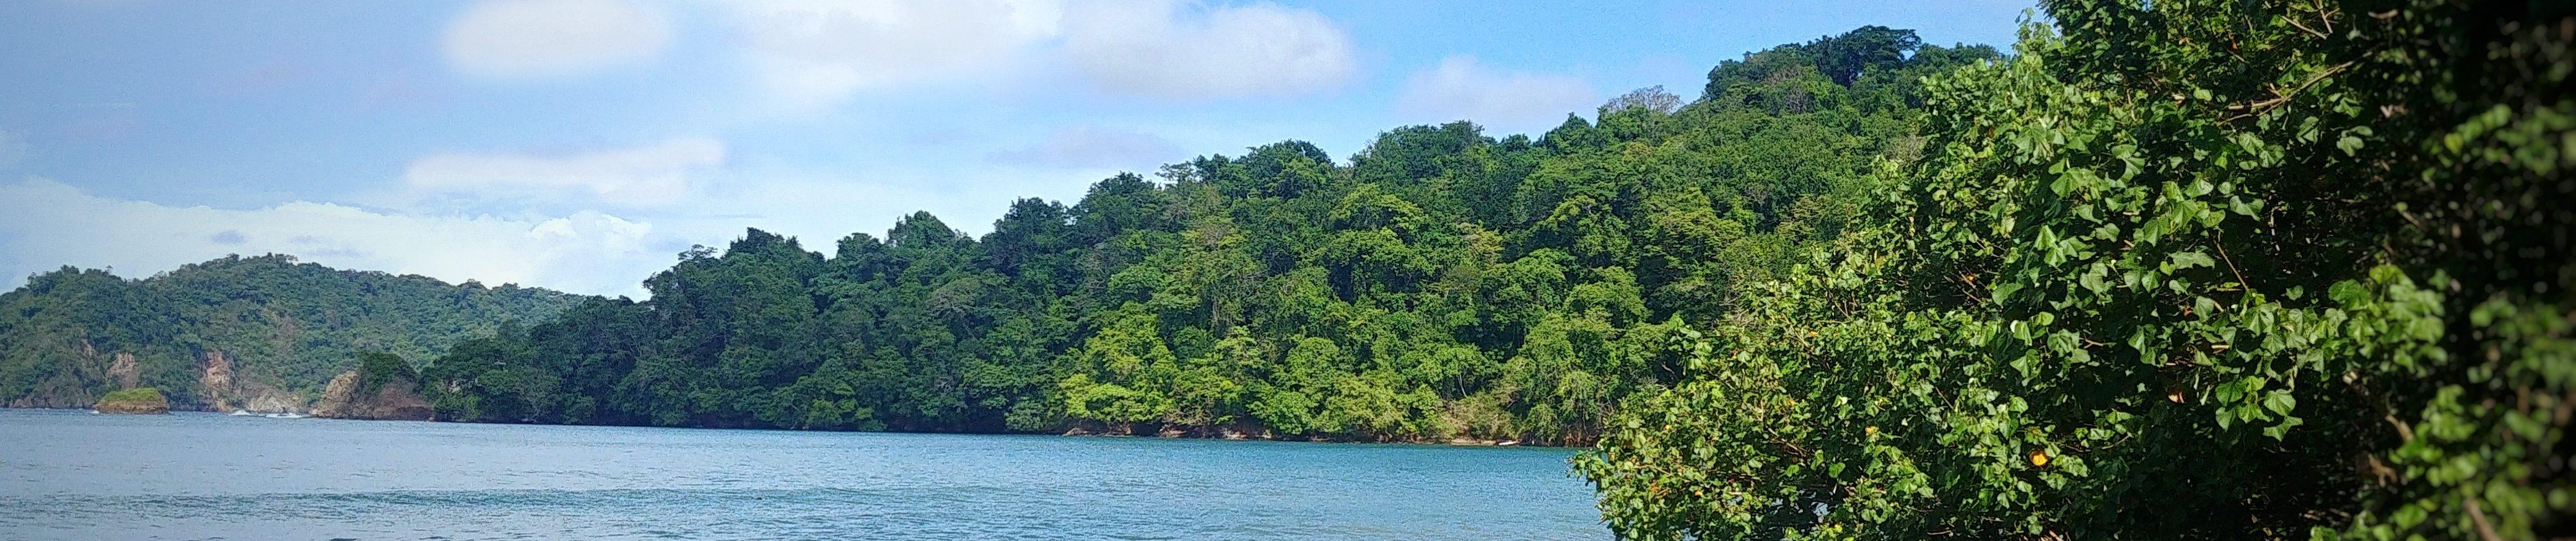 plage curu sud de Nicoya tambor costa rica voyage